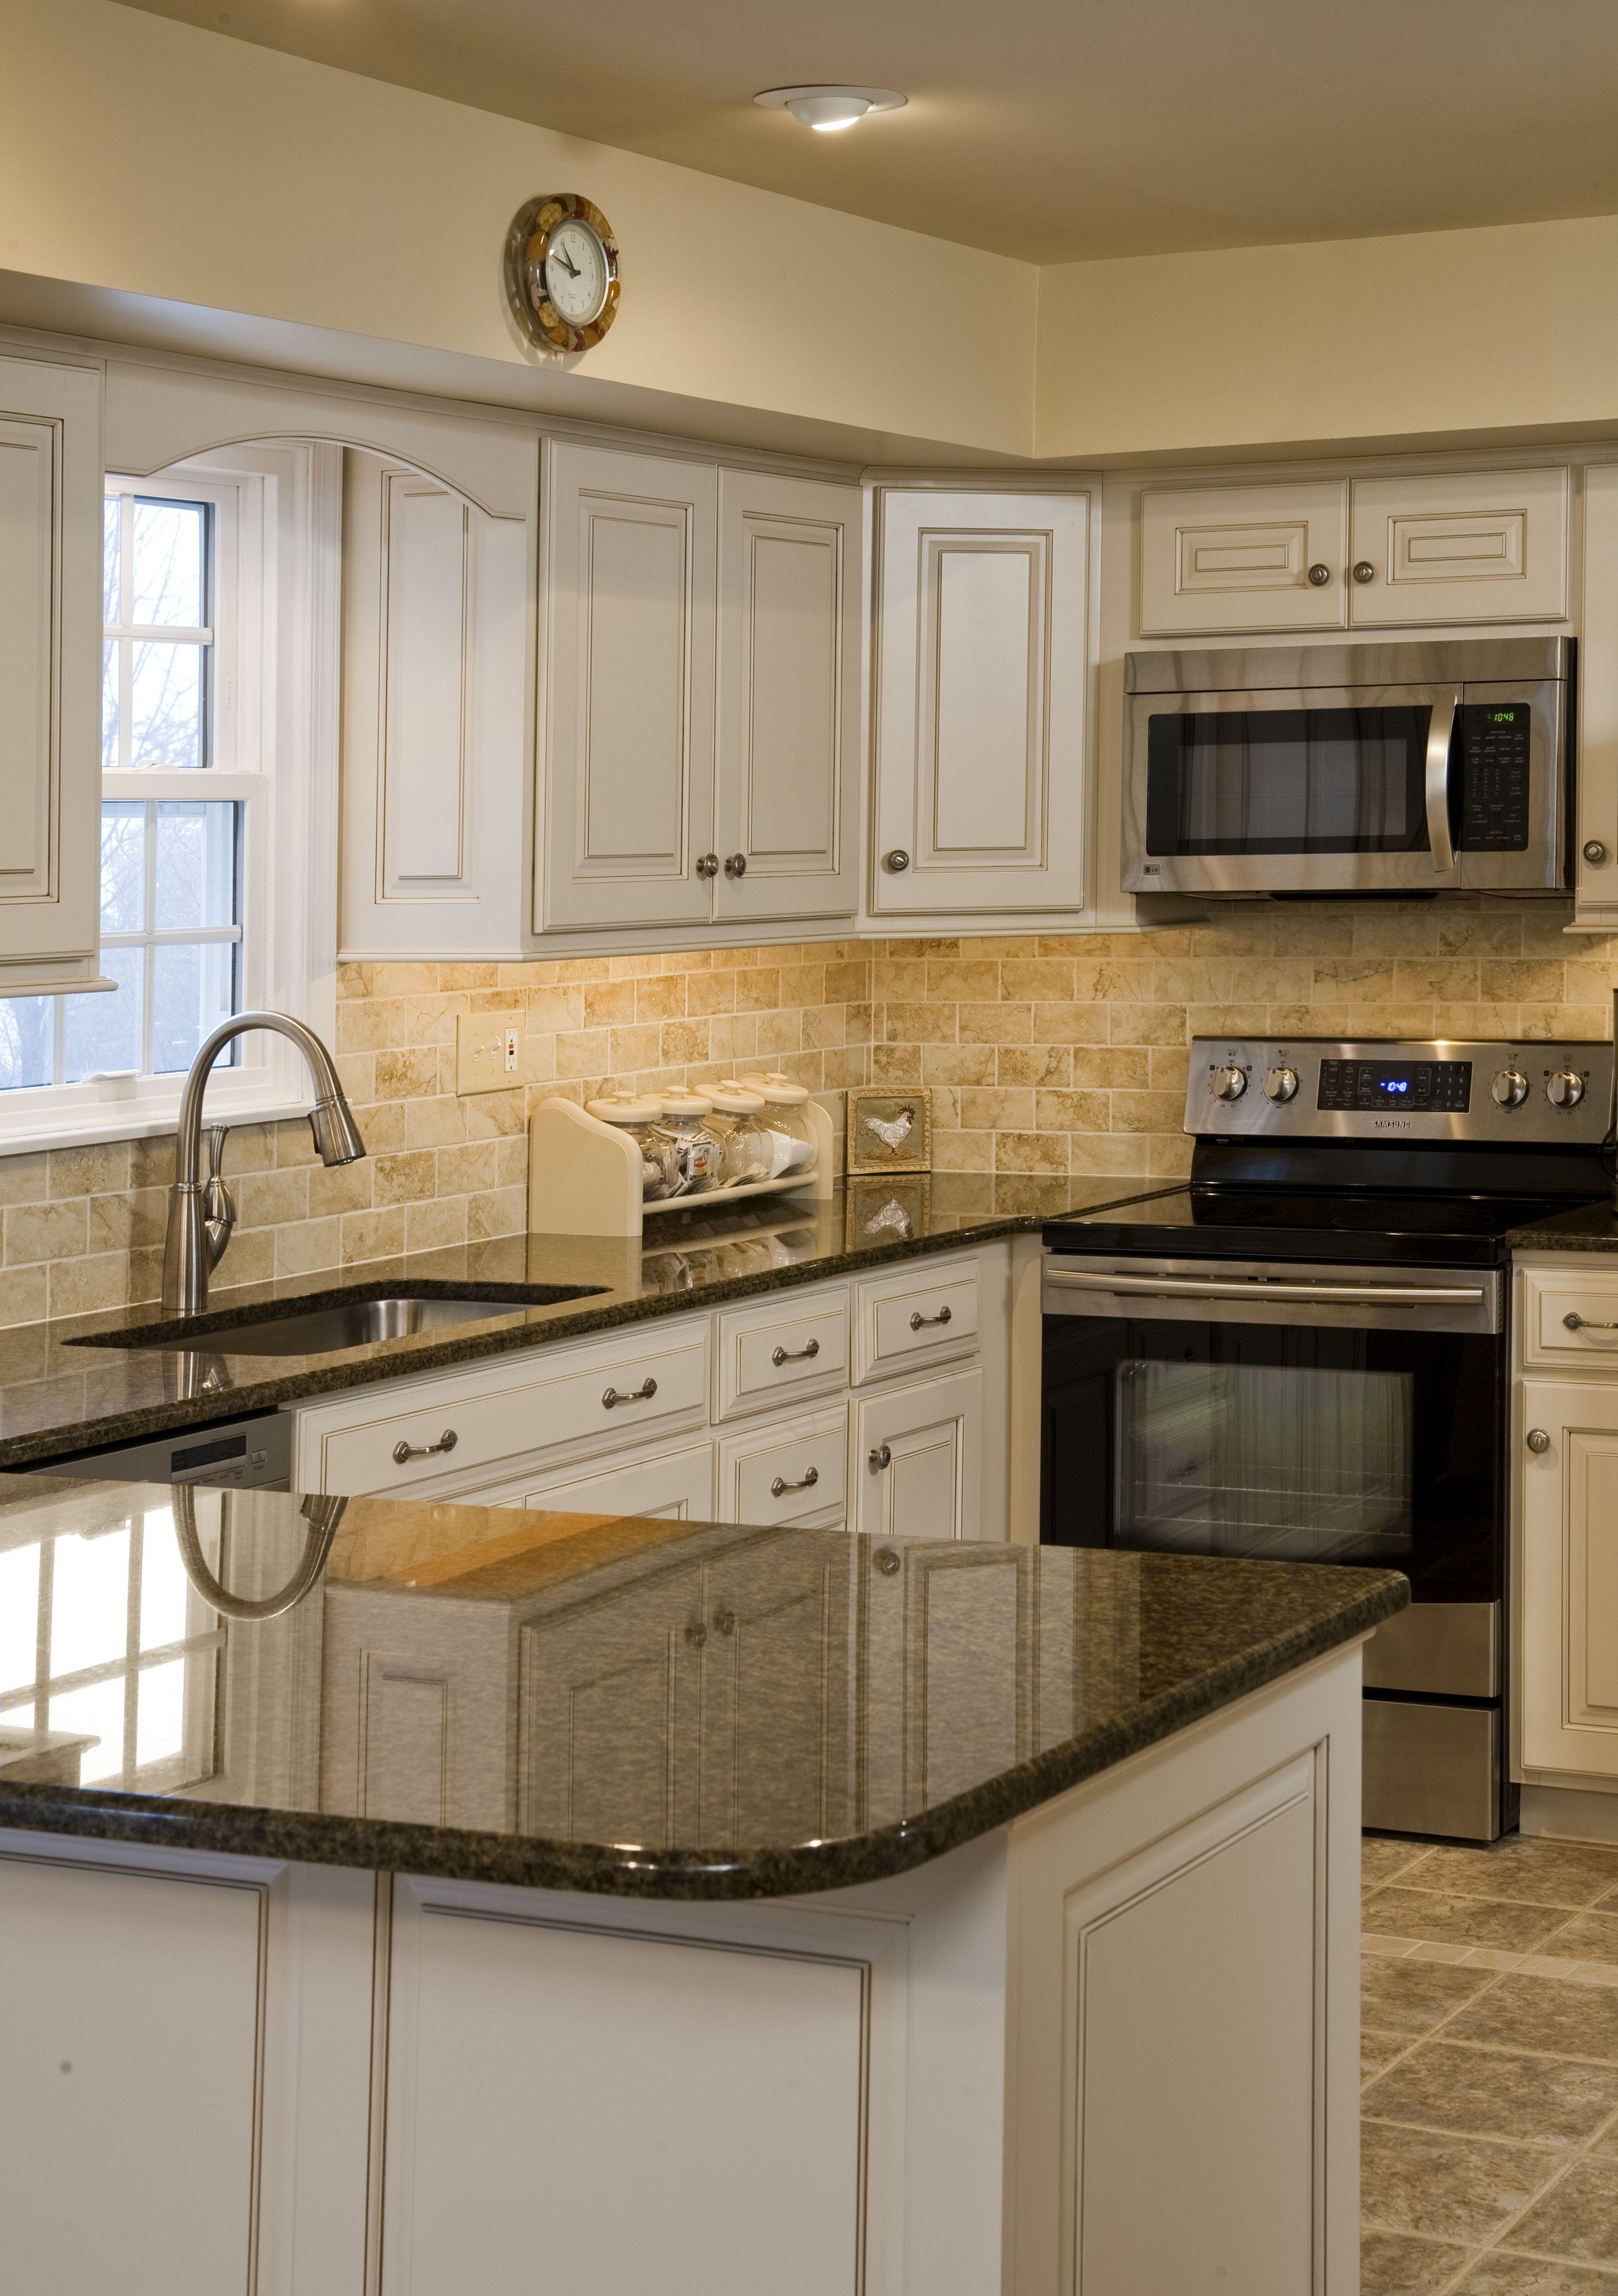 Best Home And Garden Design Ideas Idea Kitchen Cabinet 400 x 300